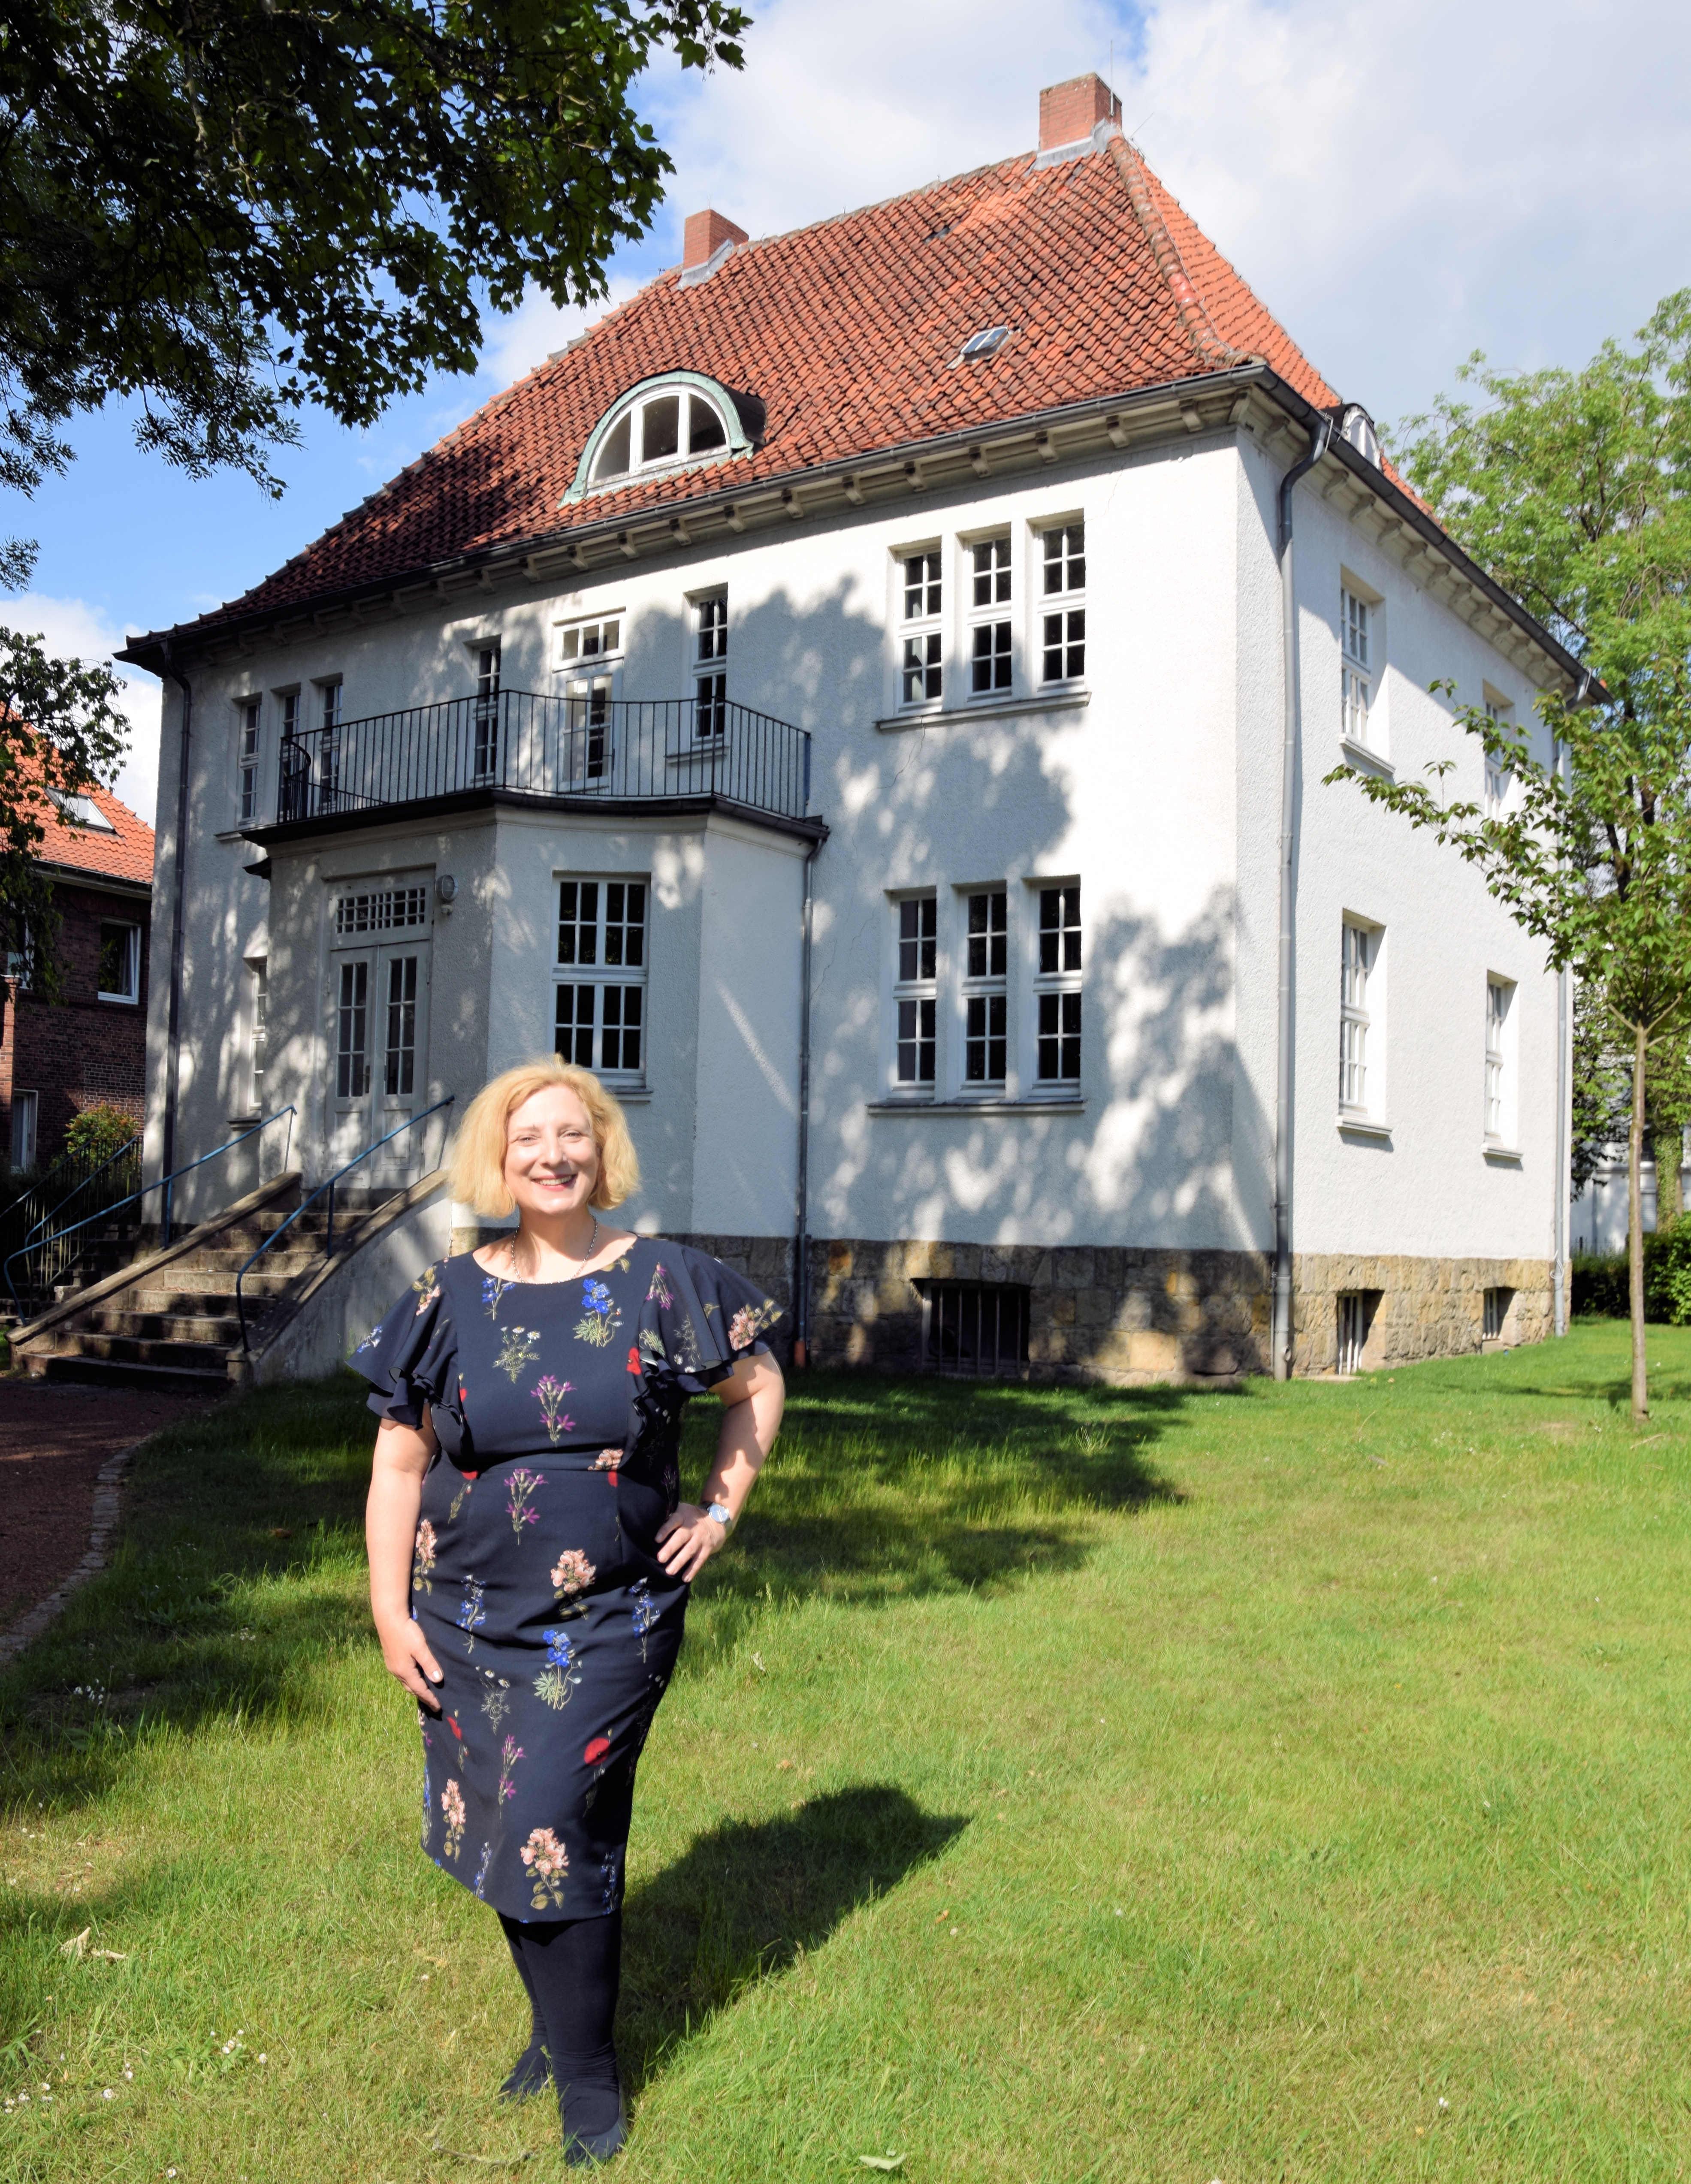 Dr. Daniela De Ridder zu Besuch bei der alten Bürgermeistervilla in Lingen